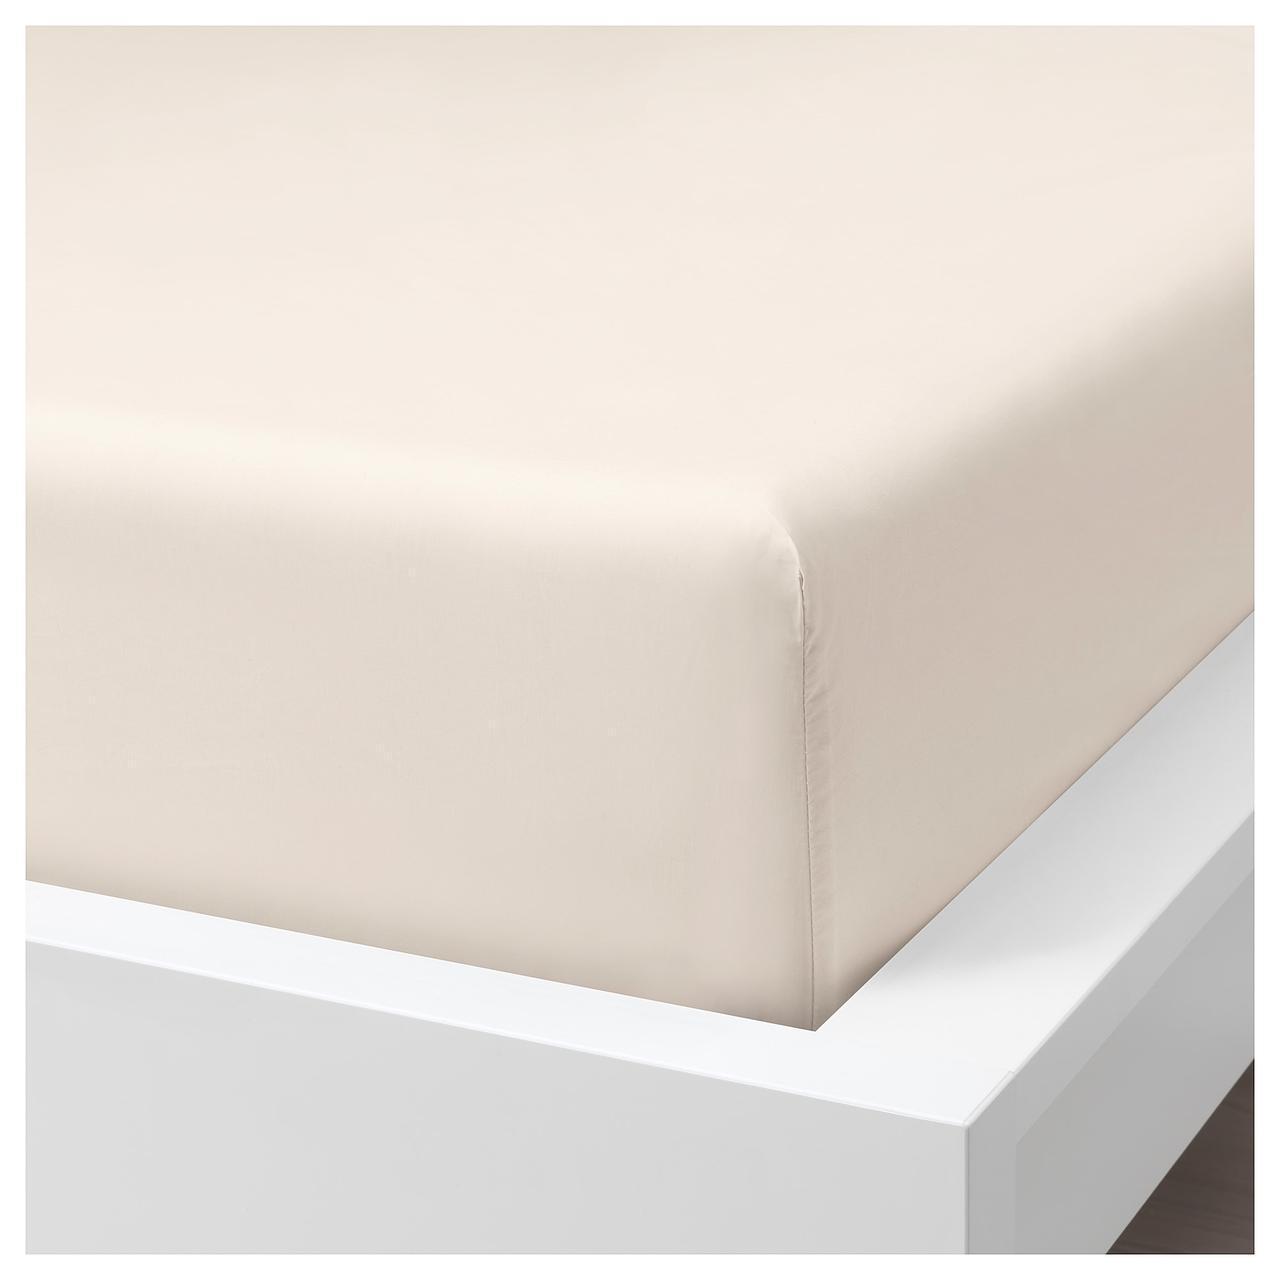 Простыня IKEA SÖMNTUTA 180х200 см на резинке светло-бежевая 804.127.90